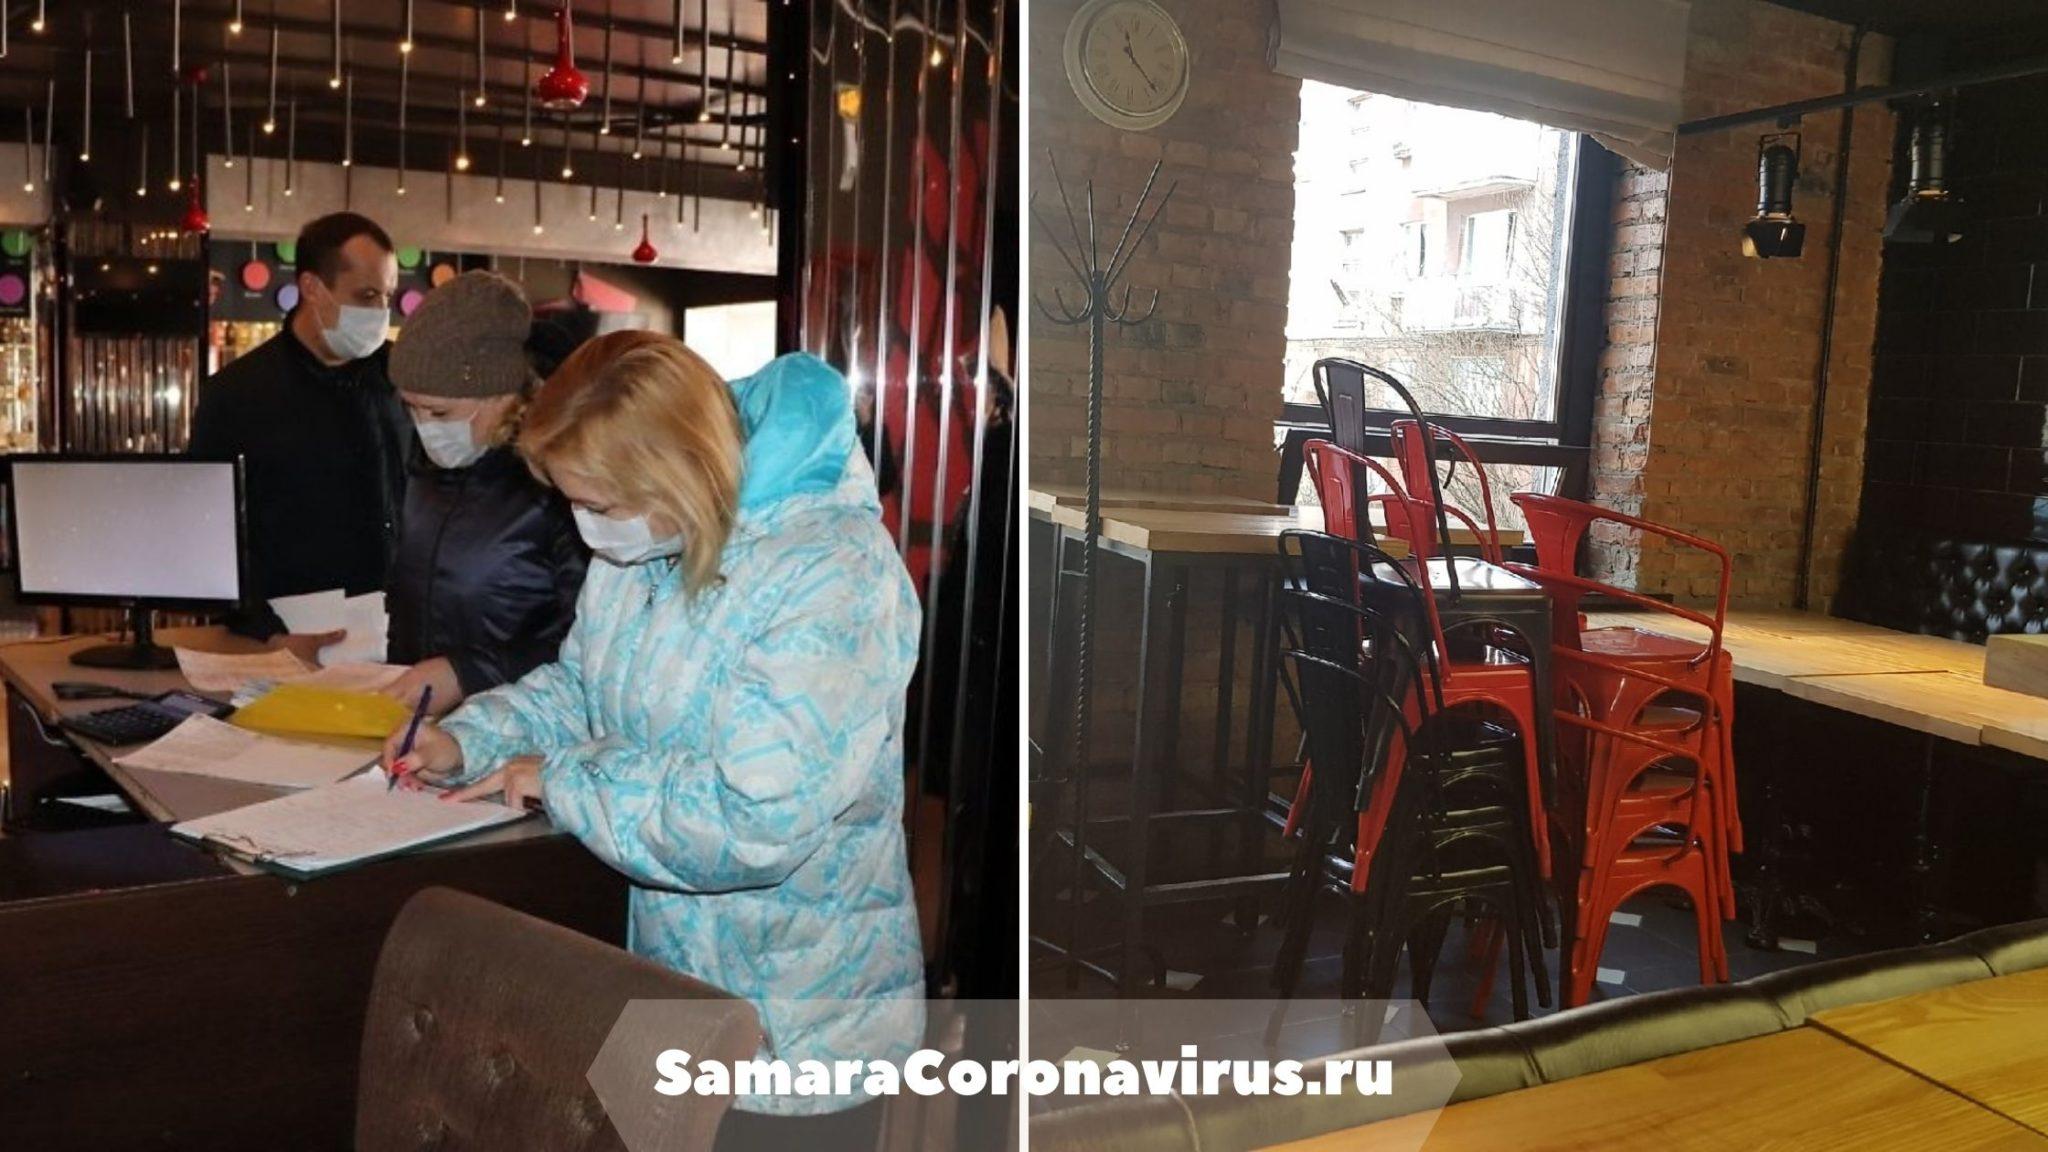 закрытие баров в москве 2020